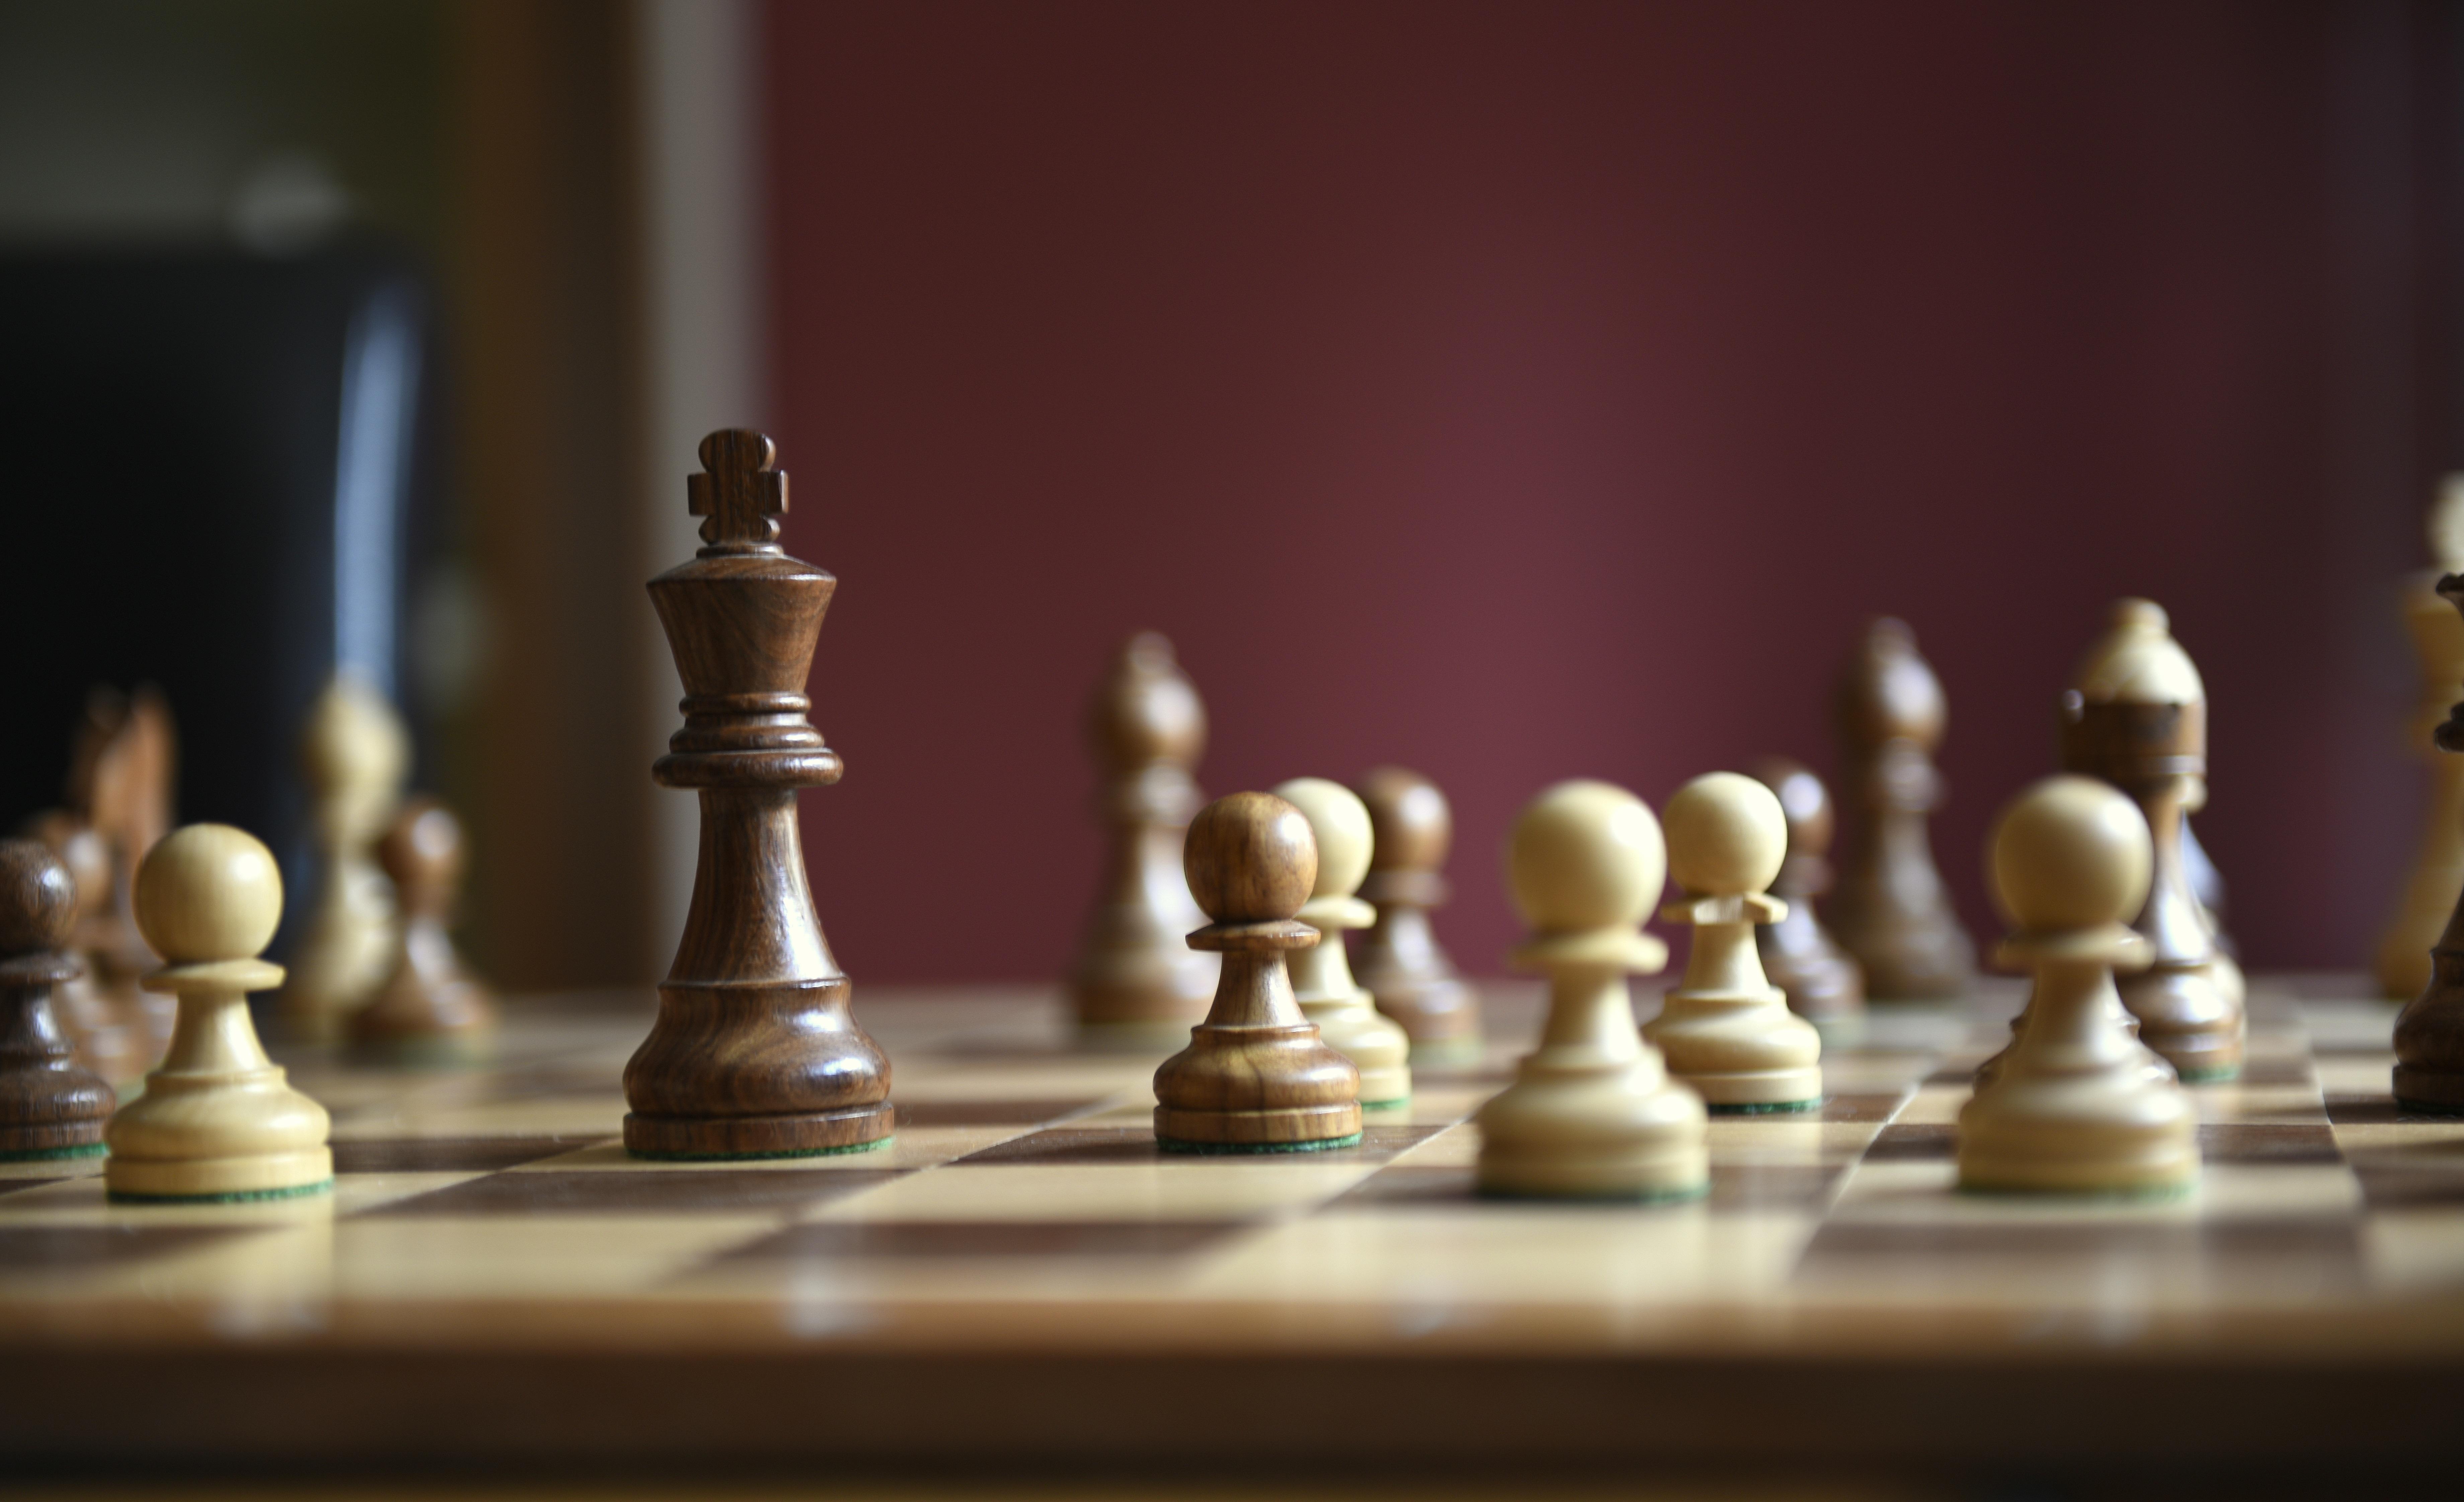 Højmoderne Gratis billeder : rekreation, dame, brætspil, konge, skak GH-72